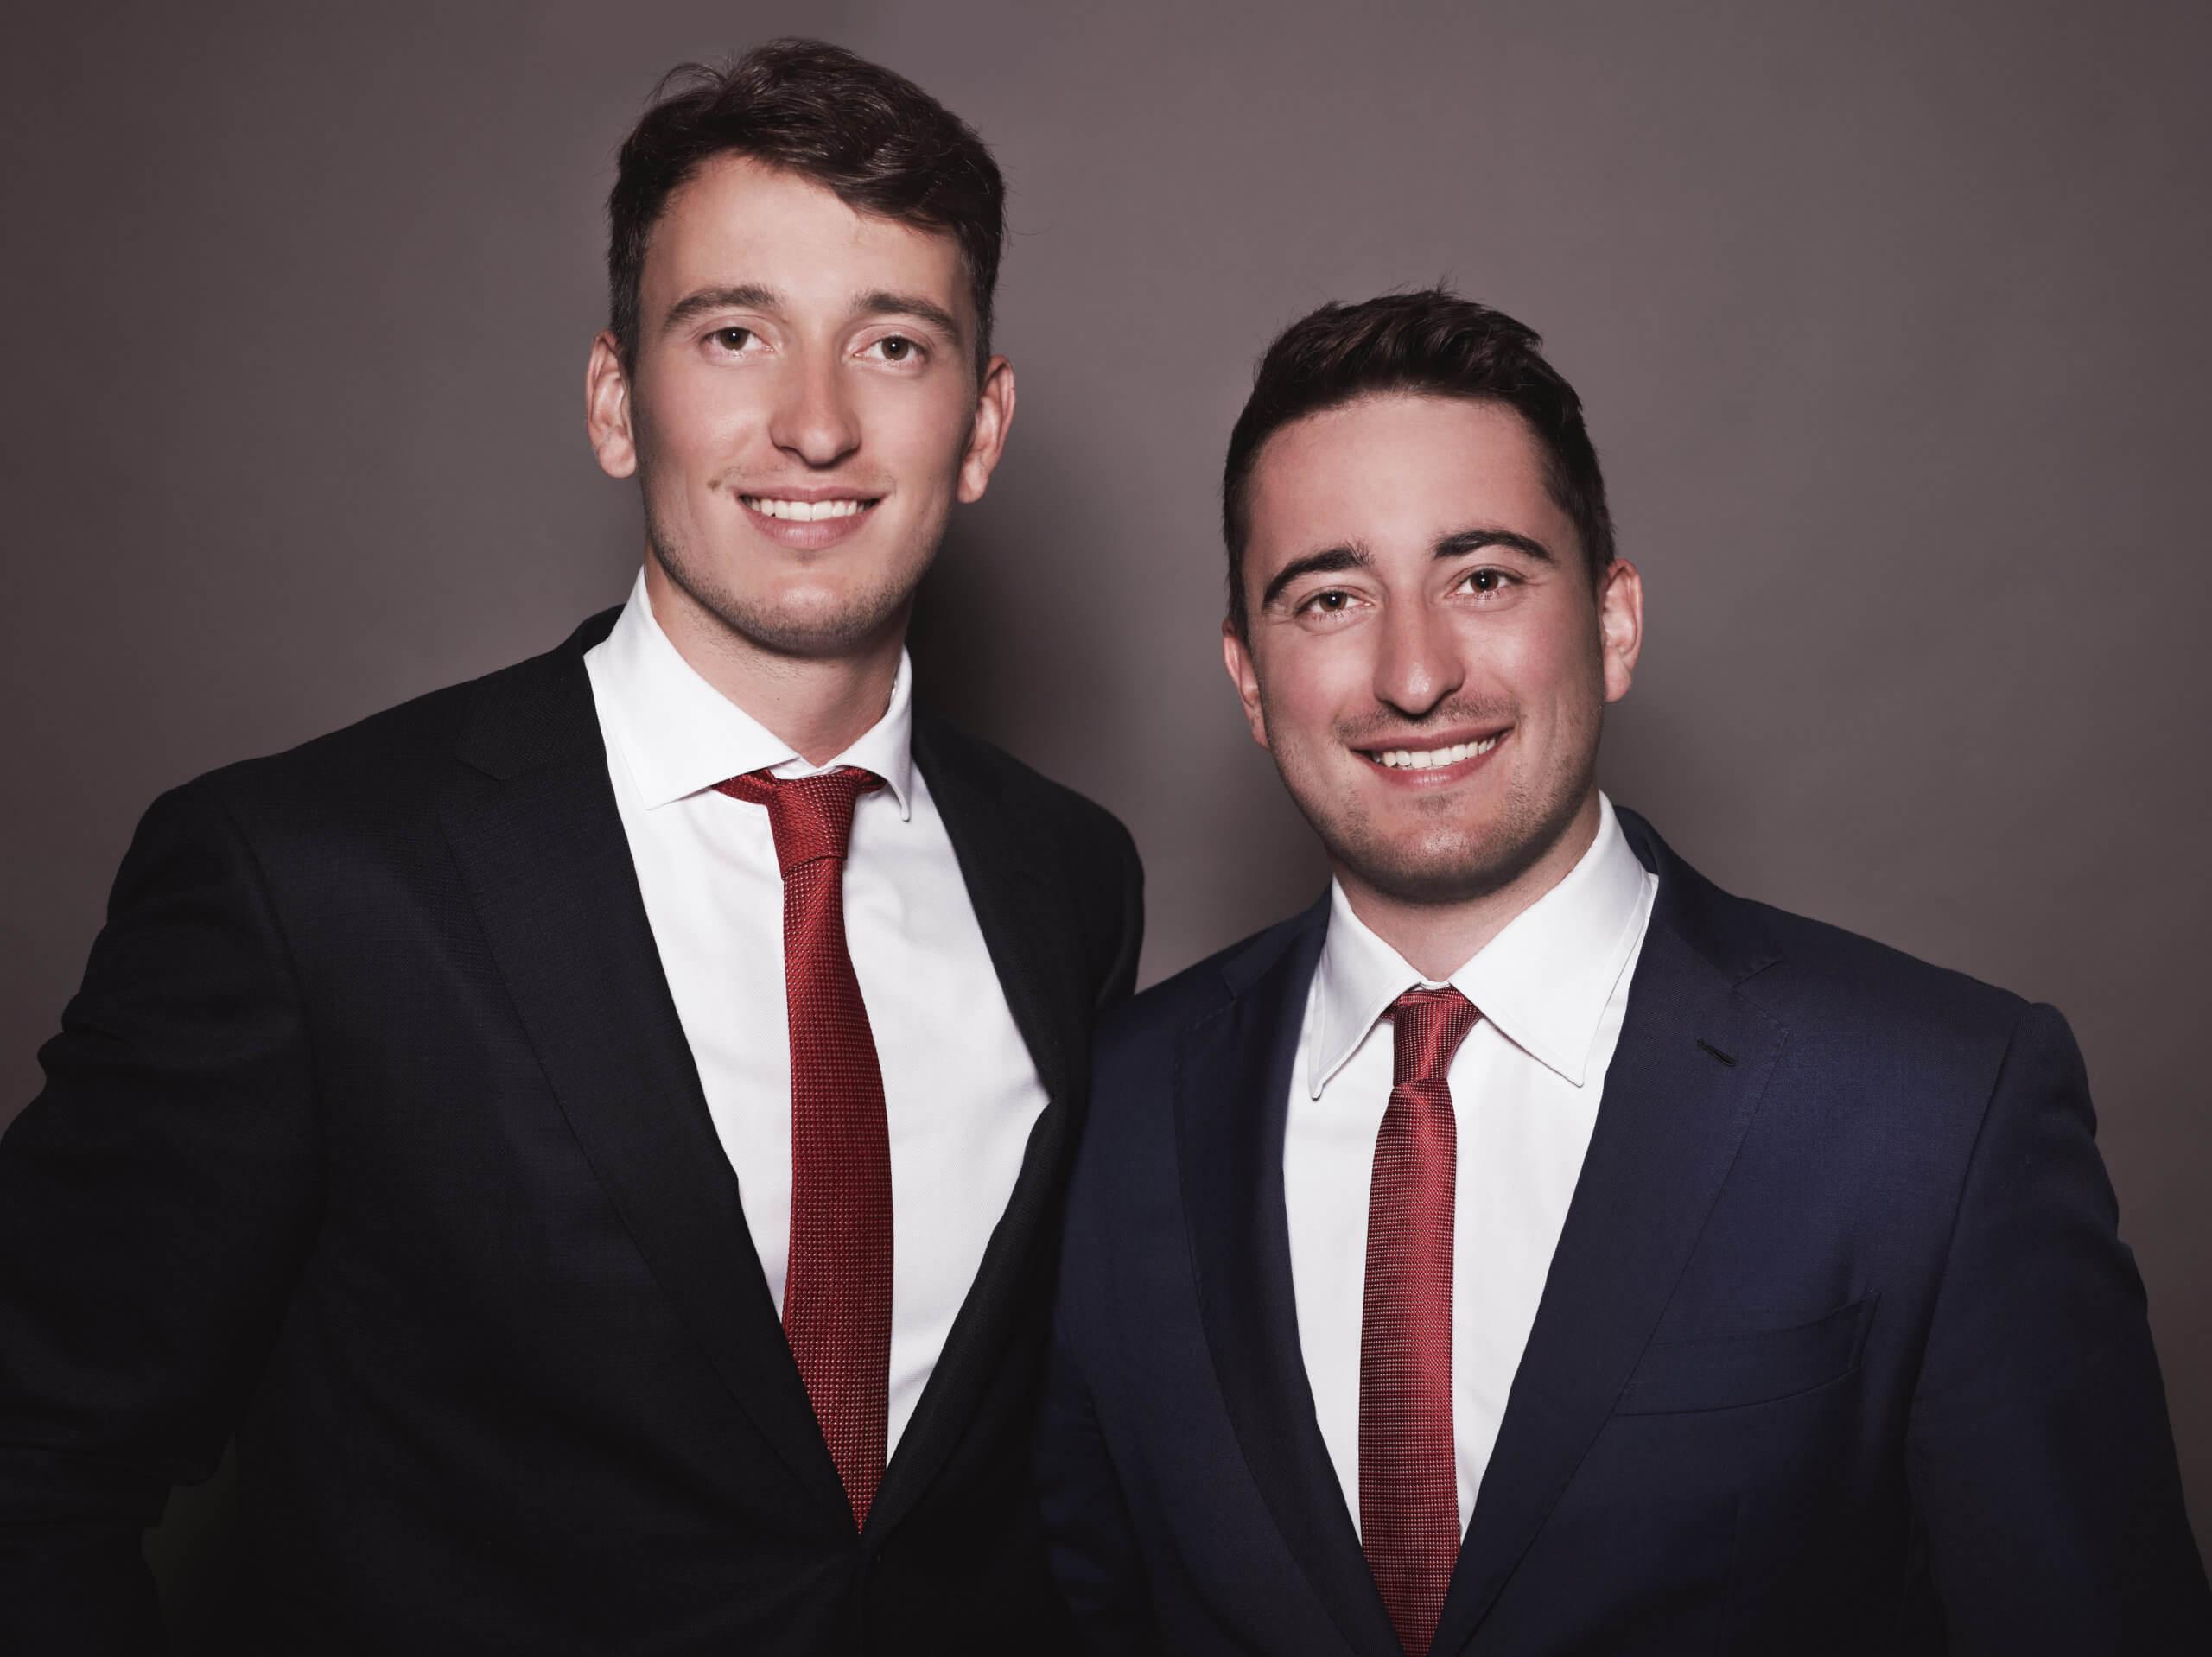 Timo und Daniel von der Heide